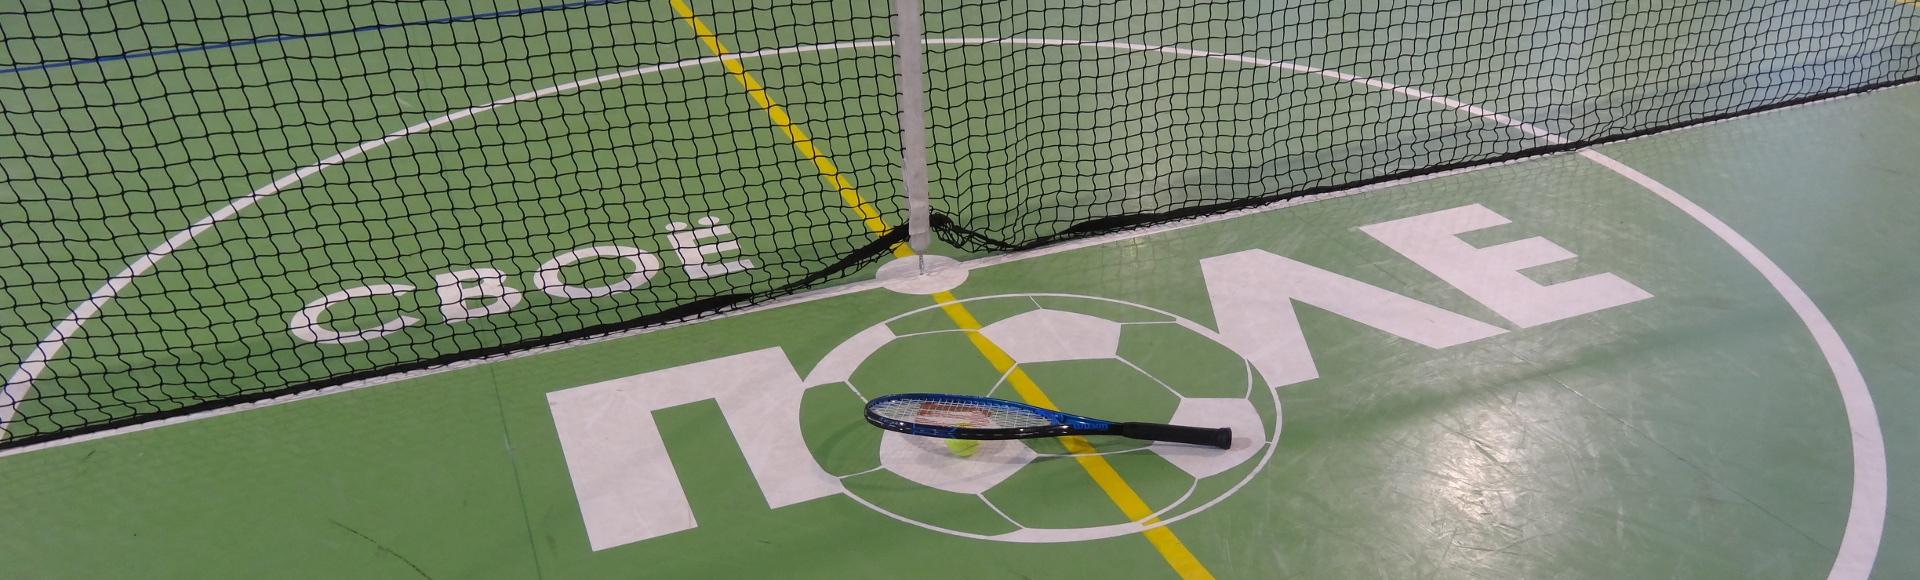 Зал оборудован для большого тенниса